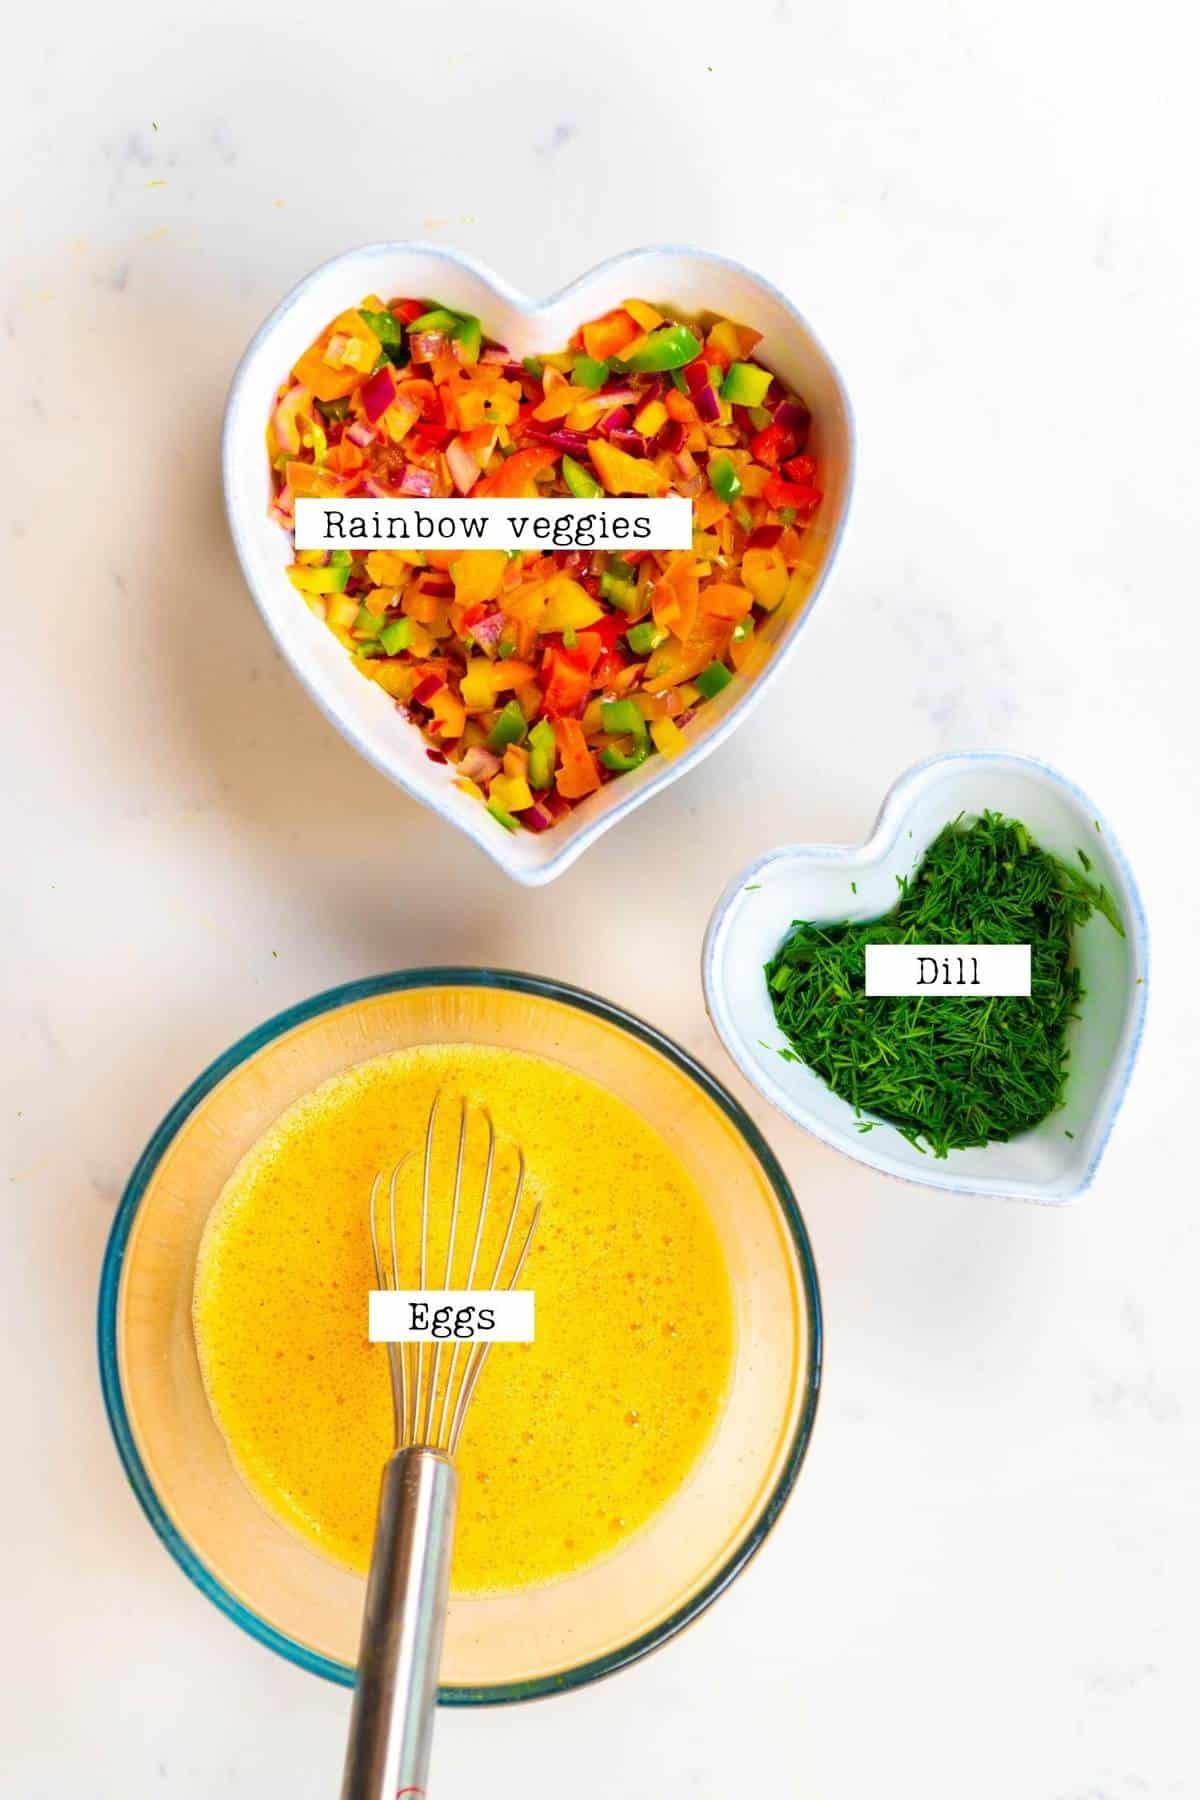 Ingredients for making veggie omelette